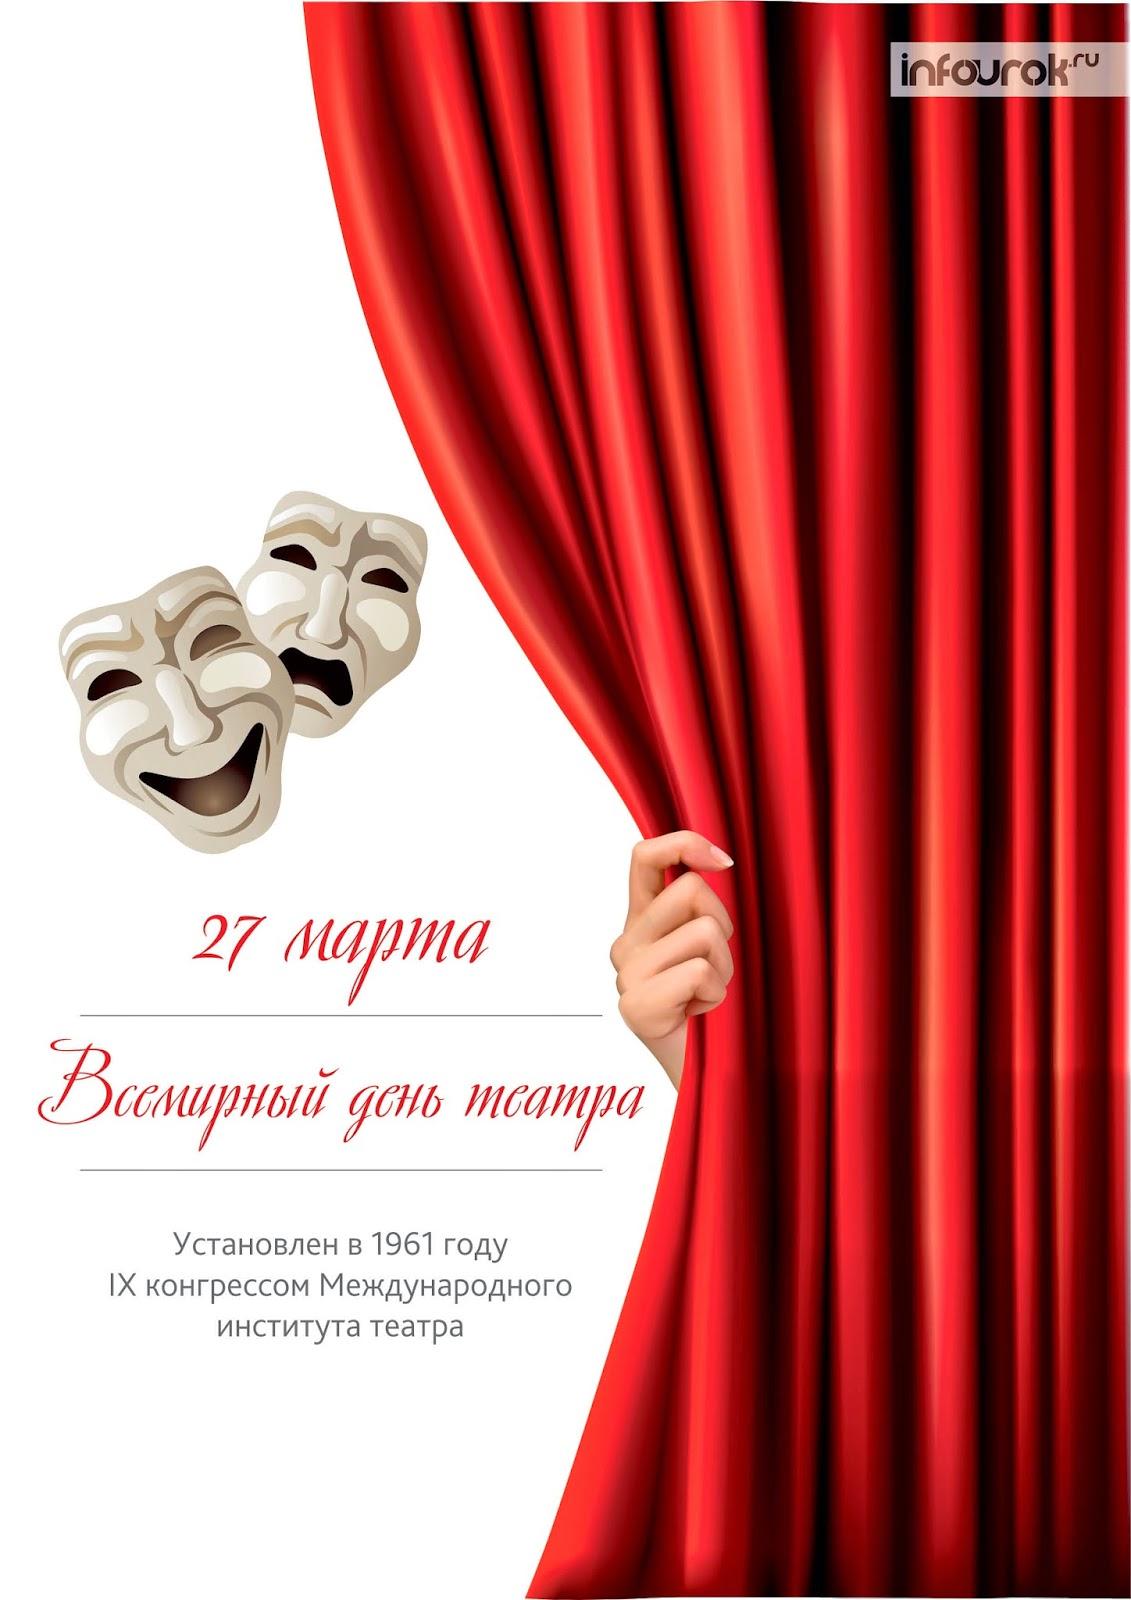 День театра 2019 дата праздника, история, поздравления 67